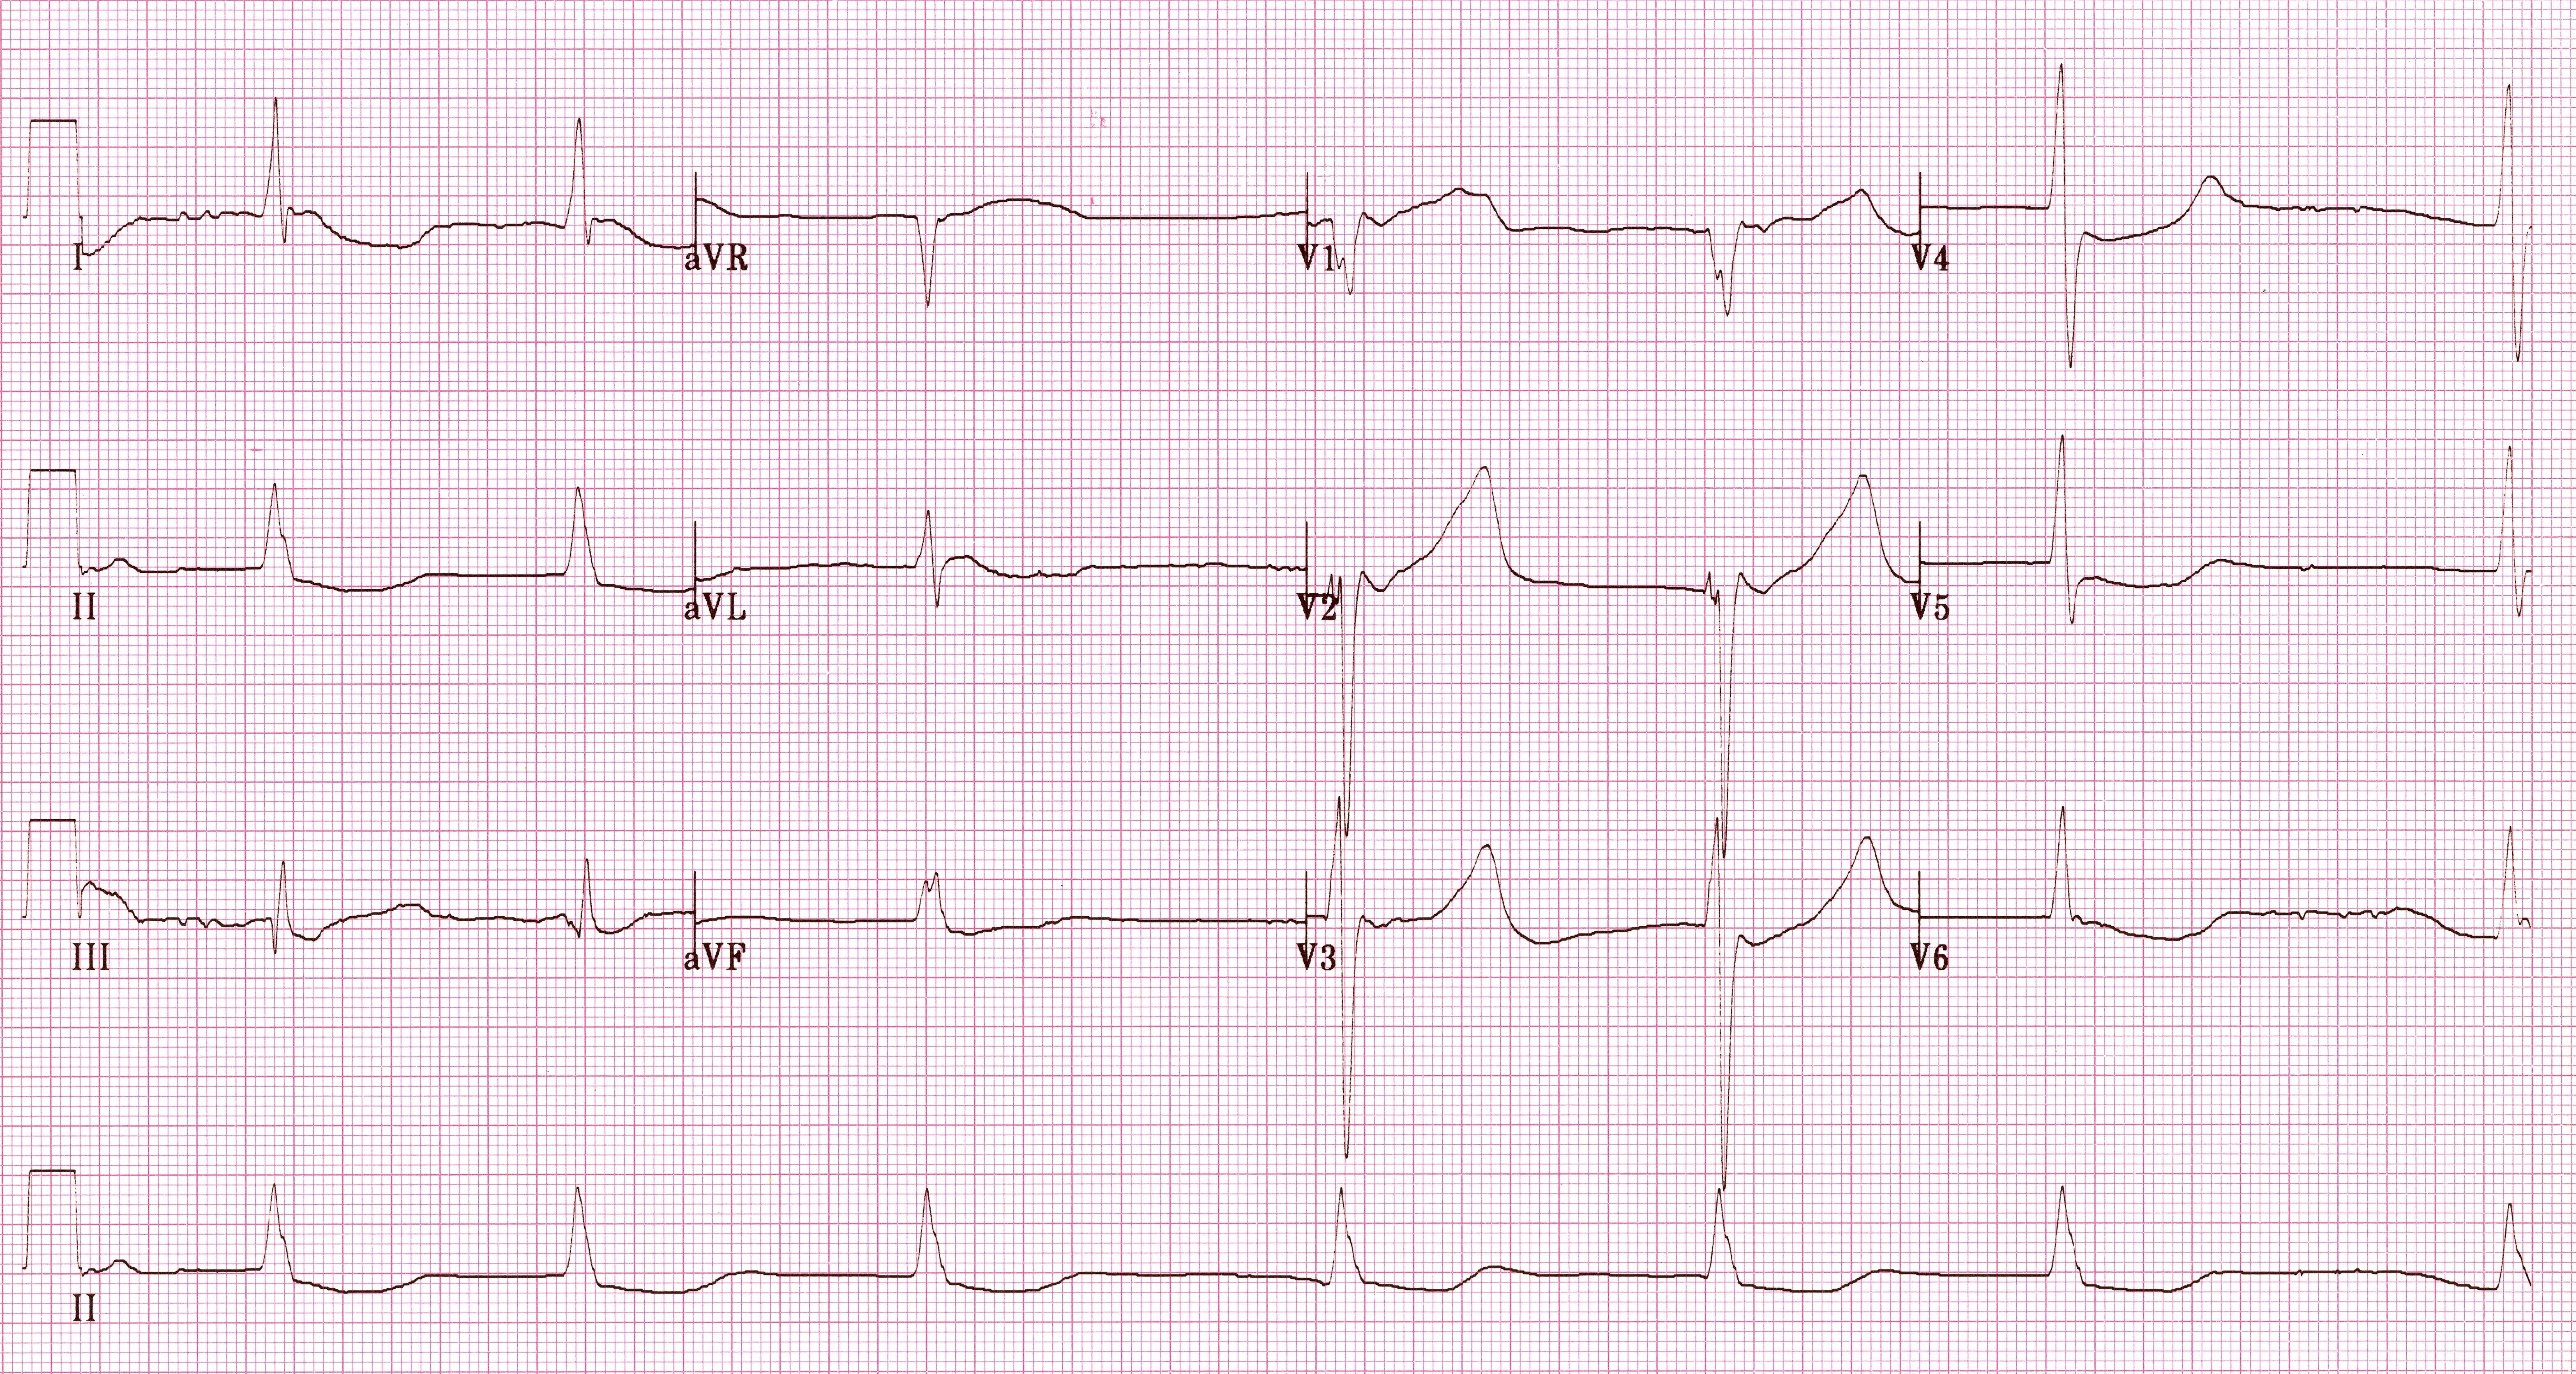 Hipotermiye bağlı yavaş ventrikül yanıtlı atriyal fibrilasyon. Kaynak : lifeinthefastlane.com - ECG library